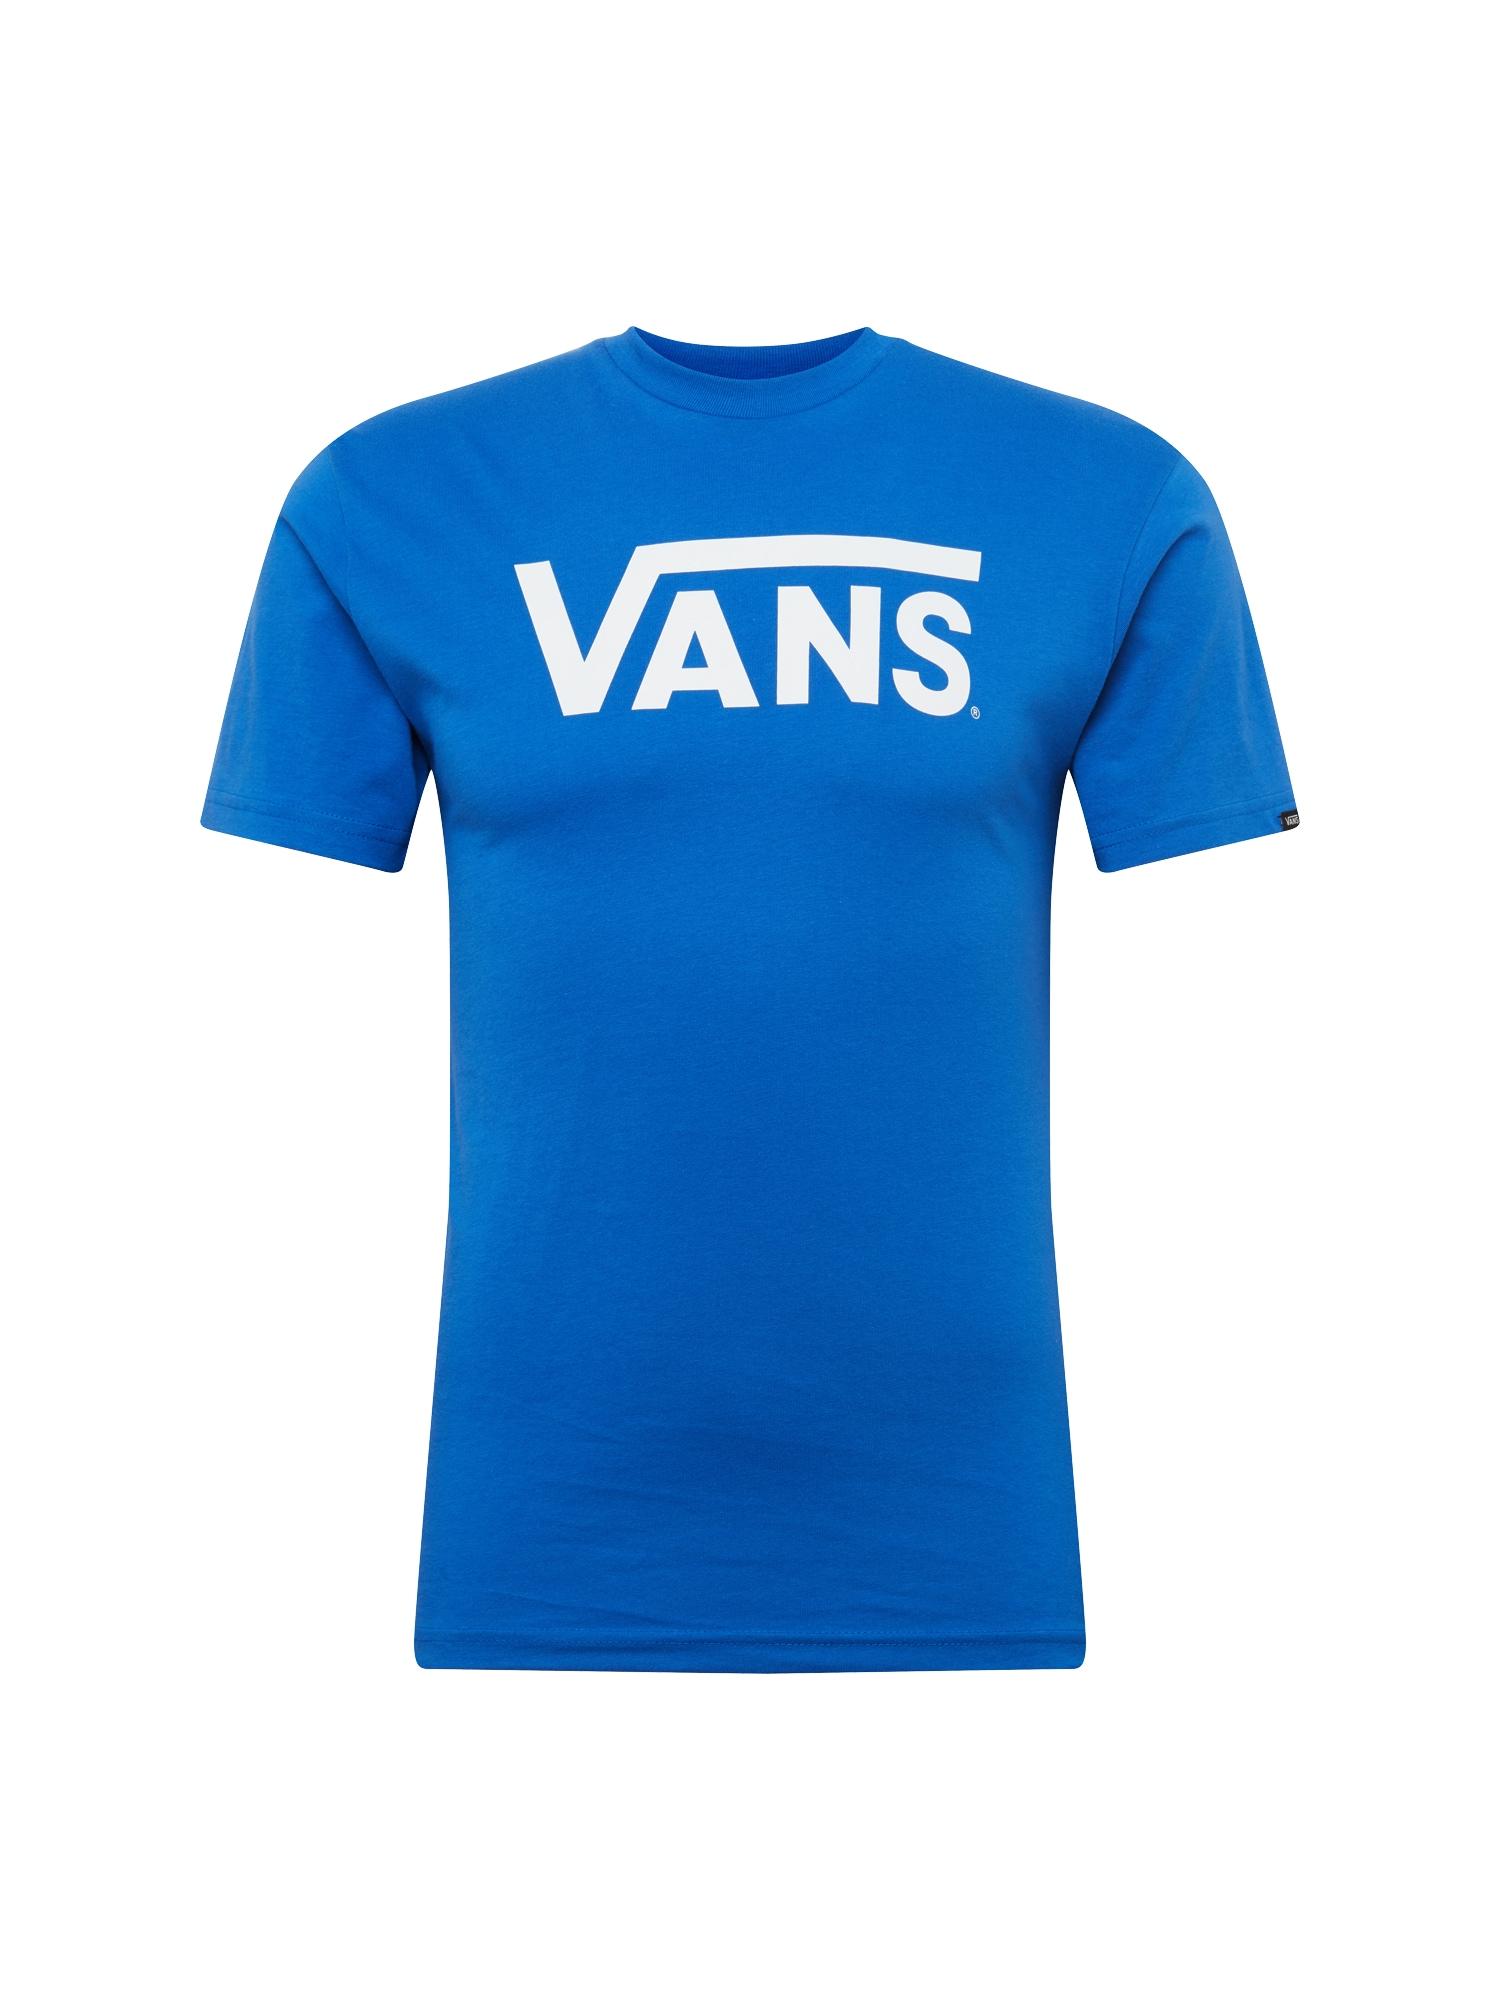 T-Shirt 'Classic' | Bekleidung > Shirts > T-Shirts | Blau - Weiß | Vans